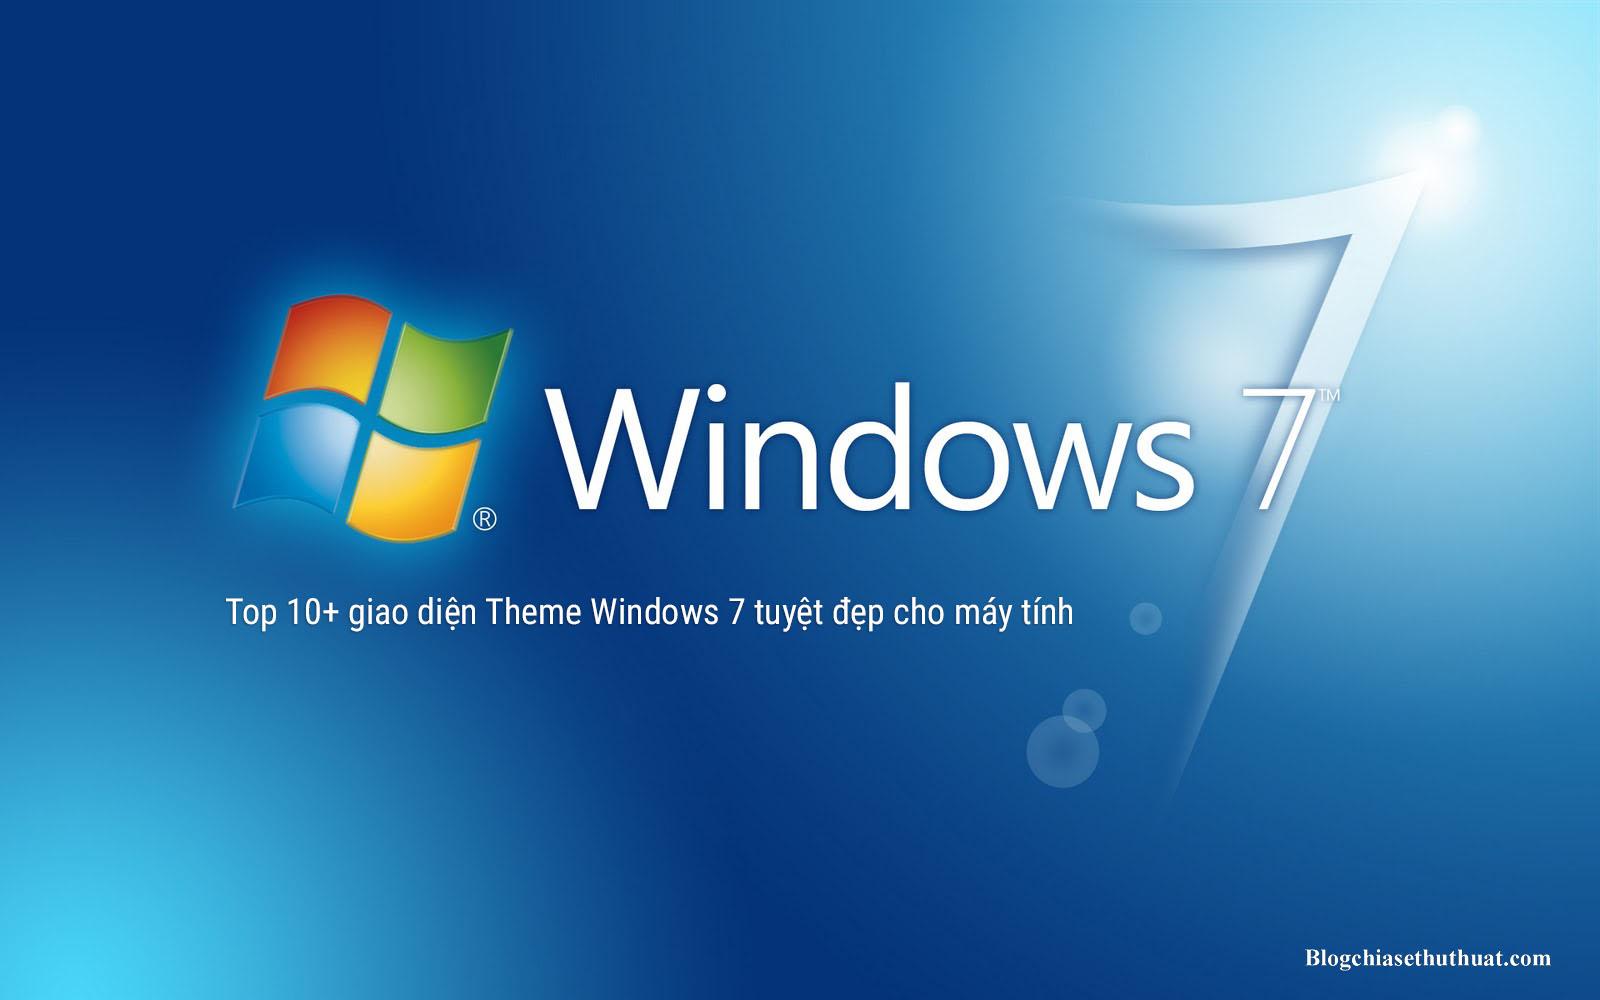 Top 10+ giao diện Theme Windows 7 tuyệt đẹp cho máy tính